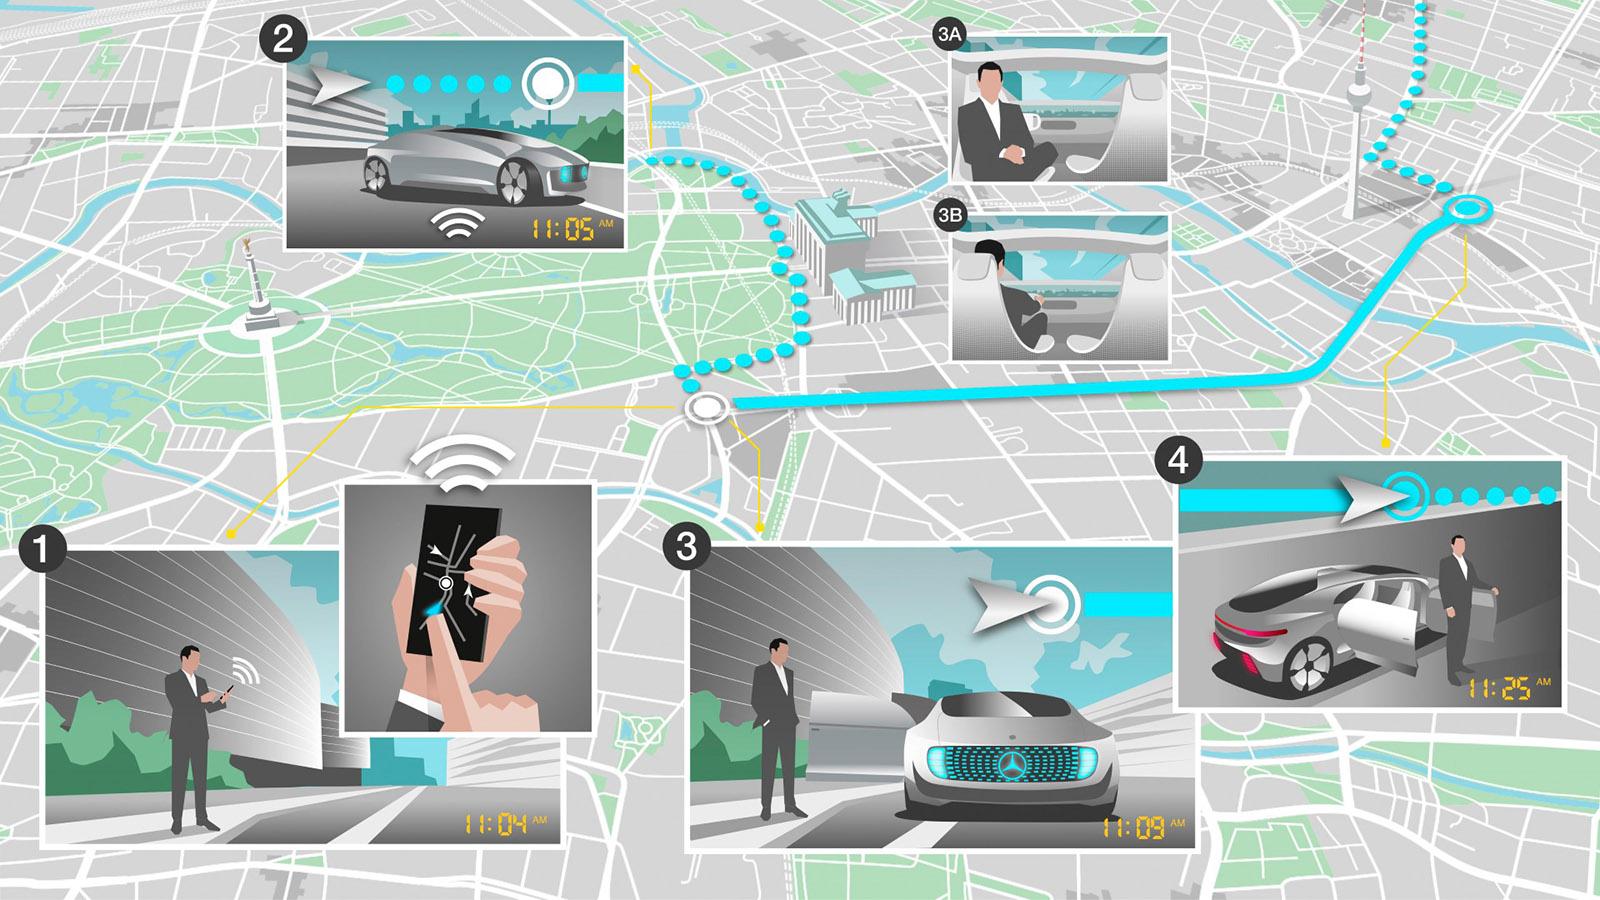 Mercedes-Benz - Daimler AG – Autonomes Fahren; Mobilität der Zukunft: Bosch und Daimler kooperieren beim vollautomatisierten und fahrerlosen Fahren // Mercedes-Benz - Daimler AG – autonomous driving; Future mobility: Bosch and Daimler join forces to work on fully automated, driverless driving